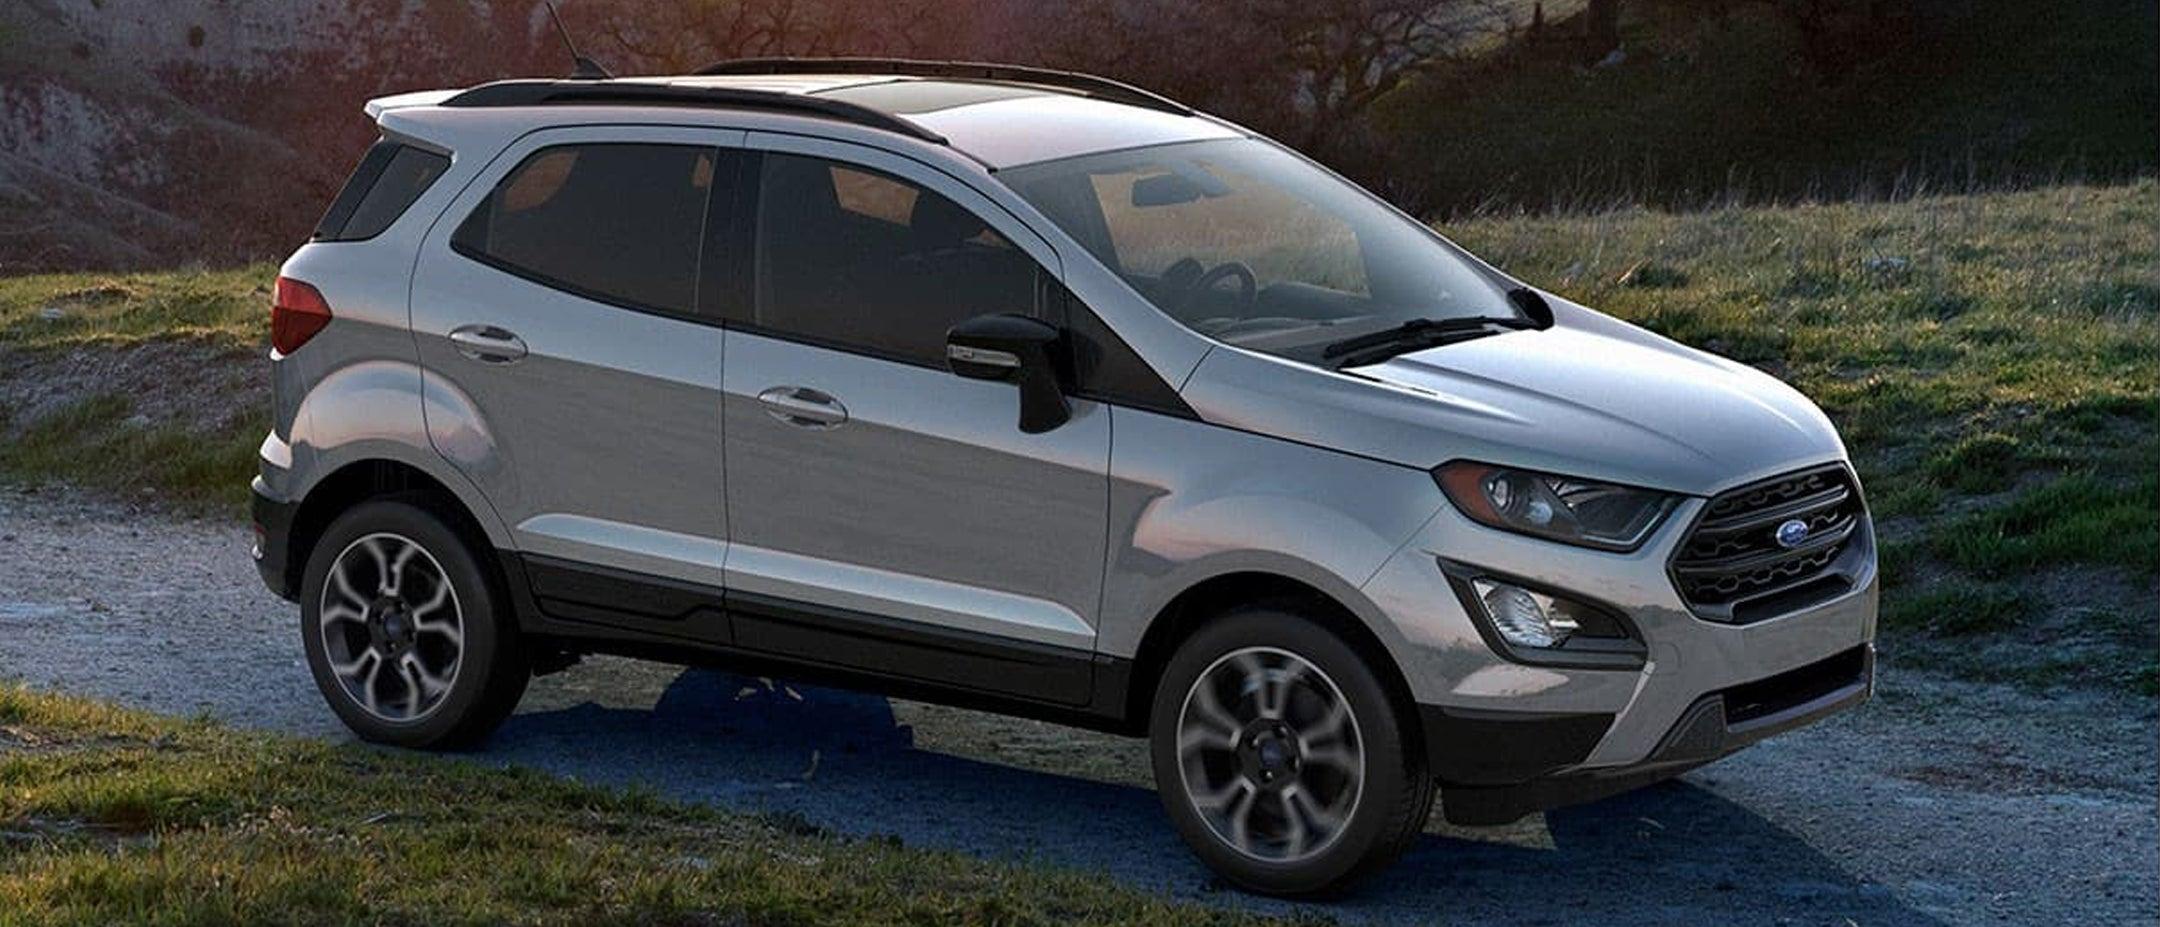 2020 Ford Ecosport Speed Test